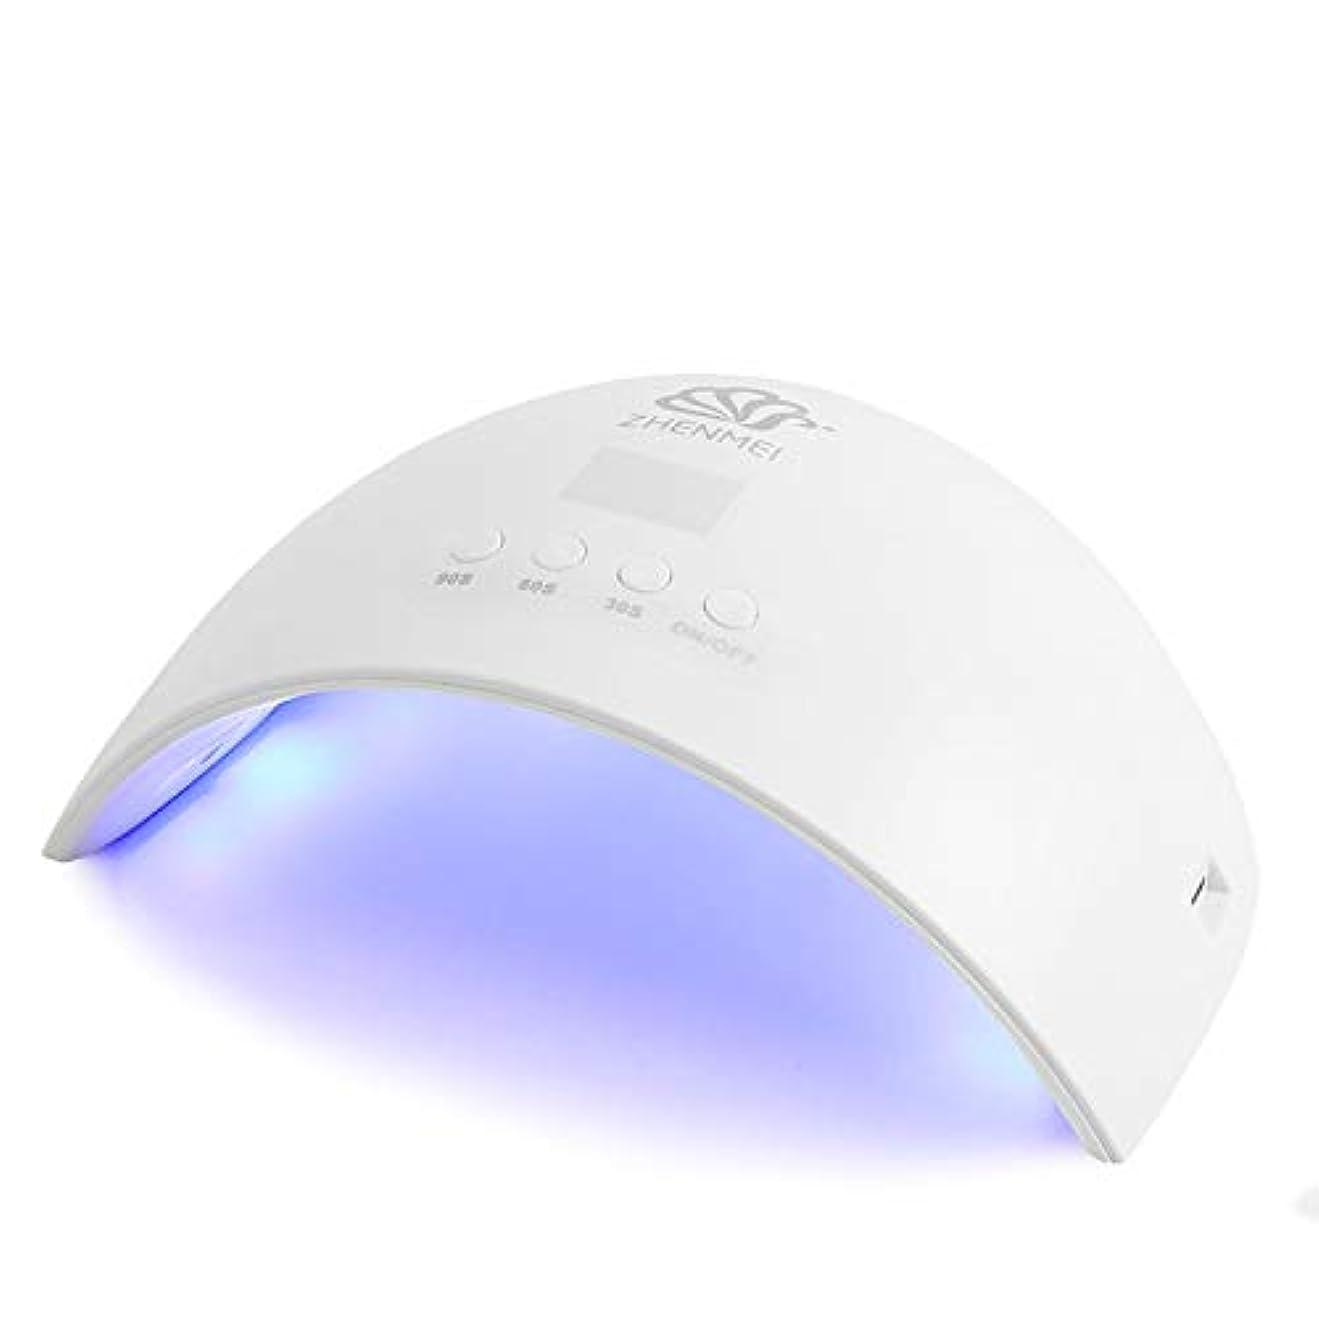 褐色寛大な適応的LEDインジケータ24W 12デュアル光源UV + LED、自動検知、4タイマー設定30/60 / 90S / 99S、プロネイルライトUV LEDネイルライト家庭用ネイル/プロ用